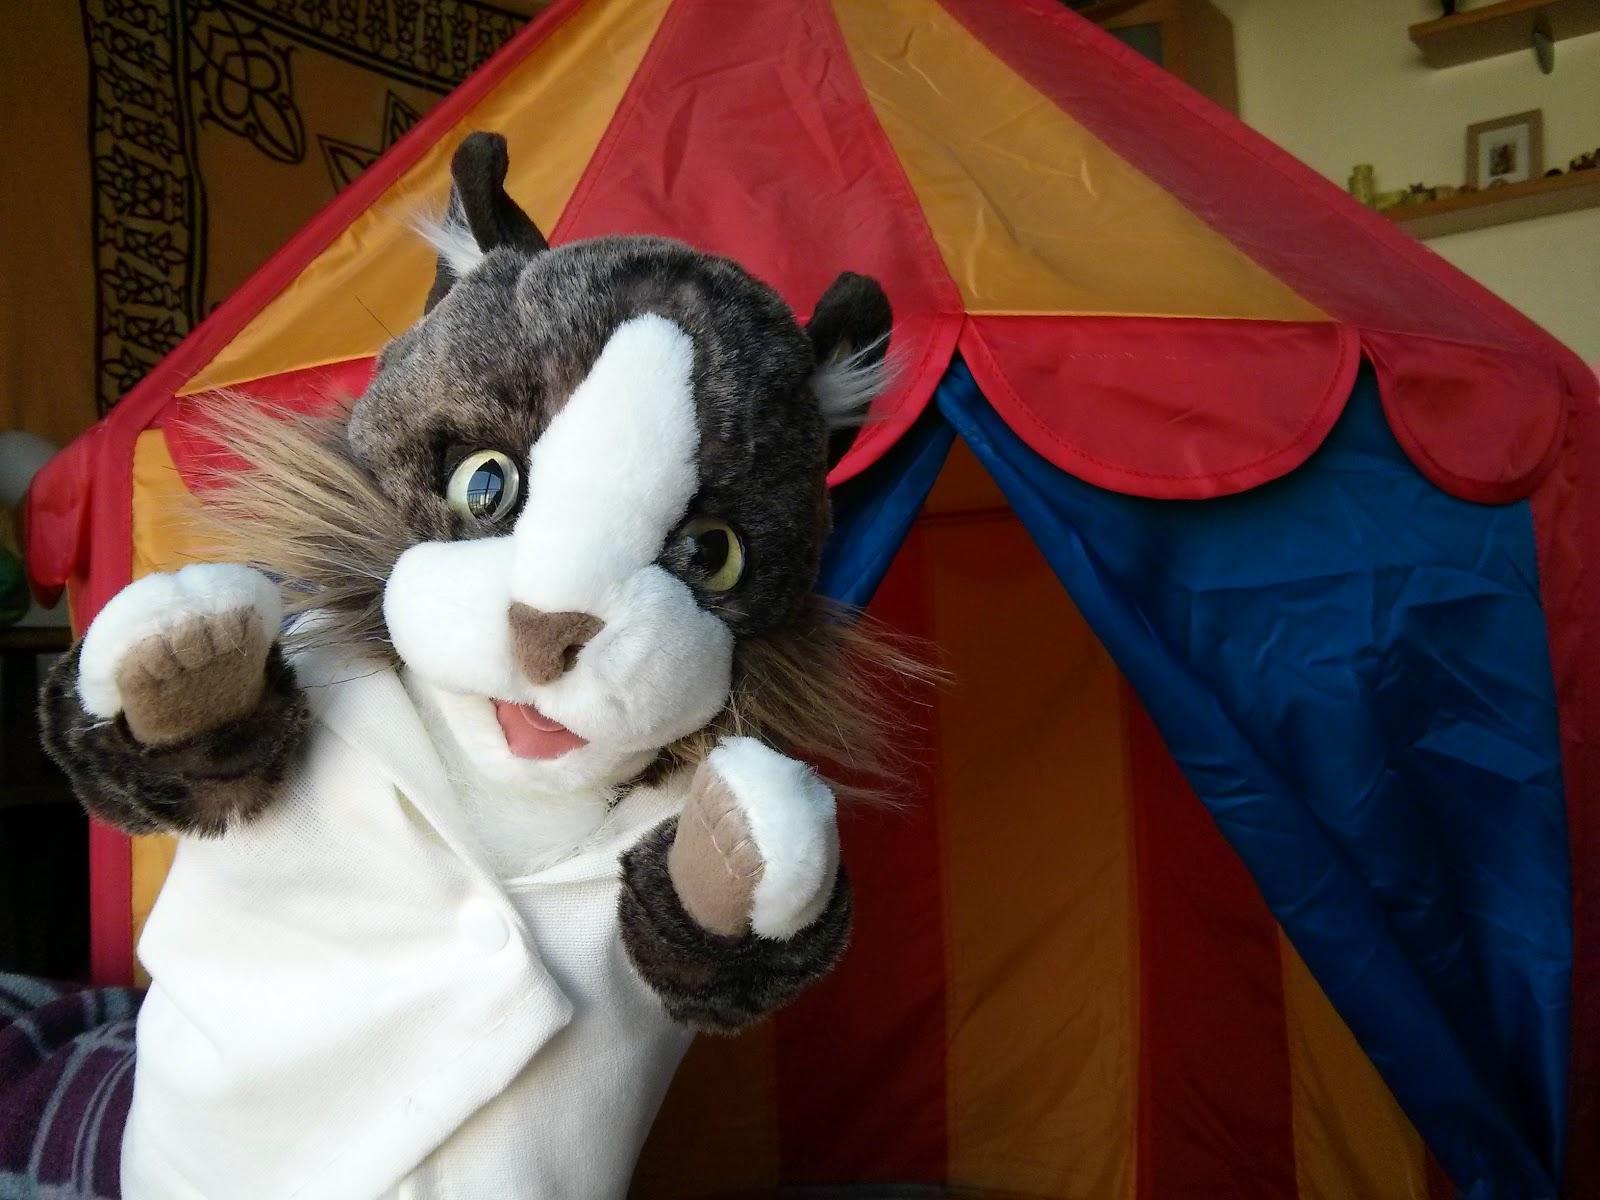 Los gatos con batas el gato equilibrista for Gato de carpintero